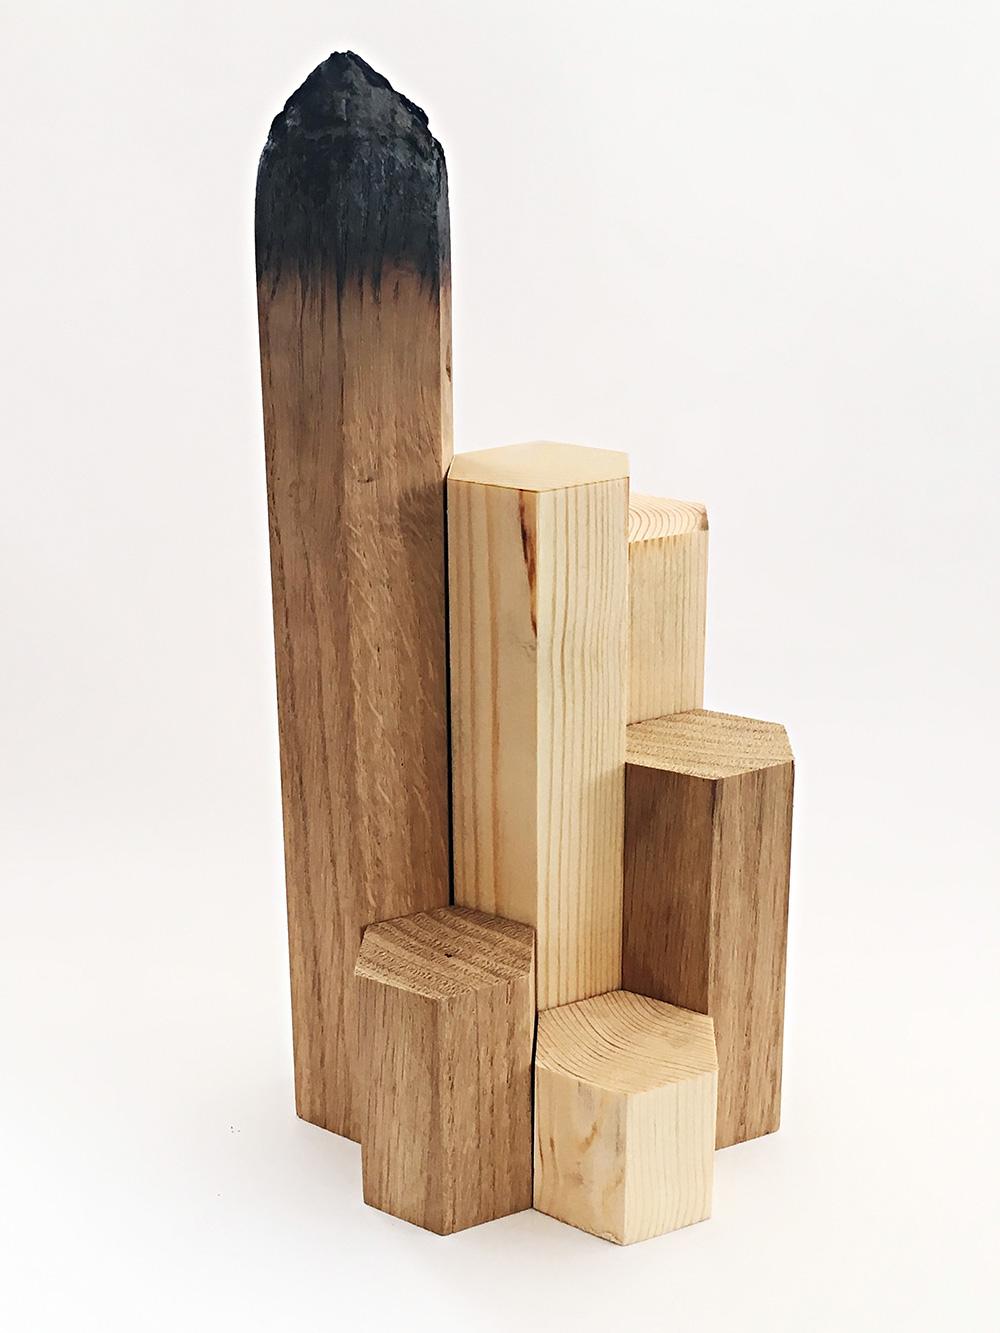 העיפרון של מאיה בן-דוד ואורי בן-צבי (משושי עץ שלאחד מהם חוד שרוף)